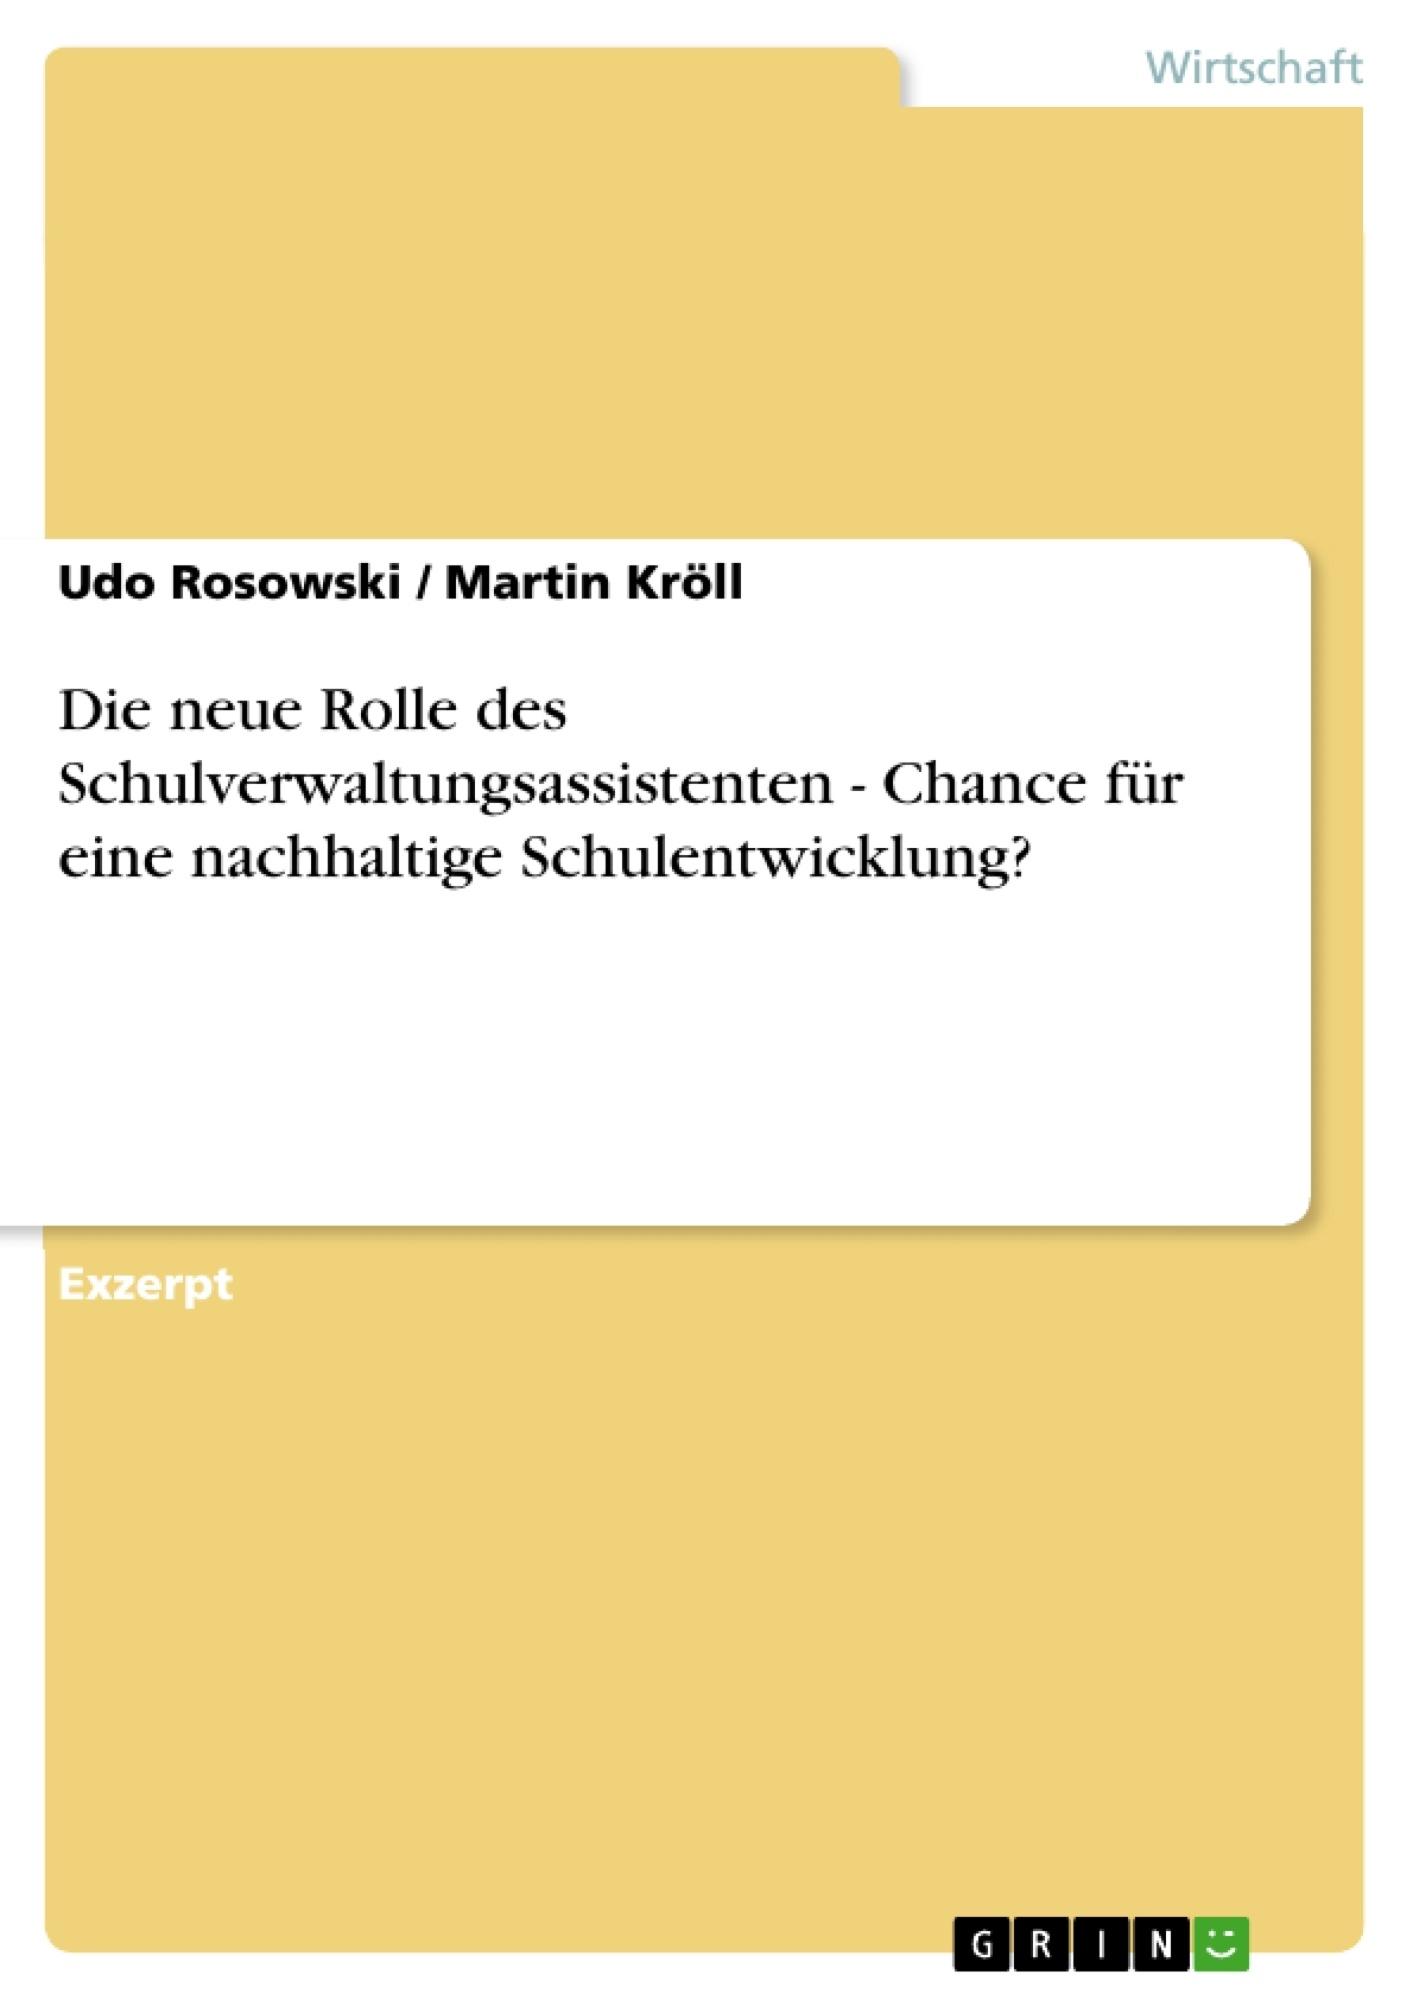 Titel: Die neue Rolle des Schulverwaltungsassistenten - Chance für eine nachhaltige Schulentwicklung?